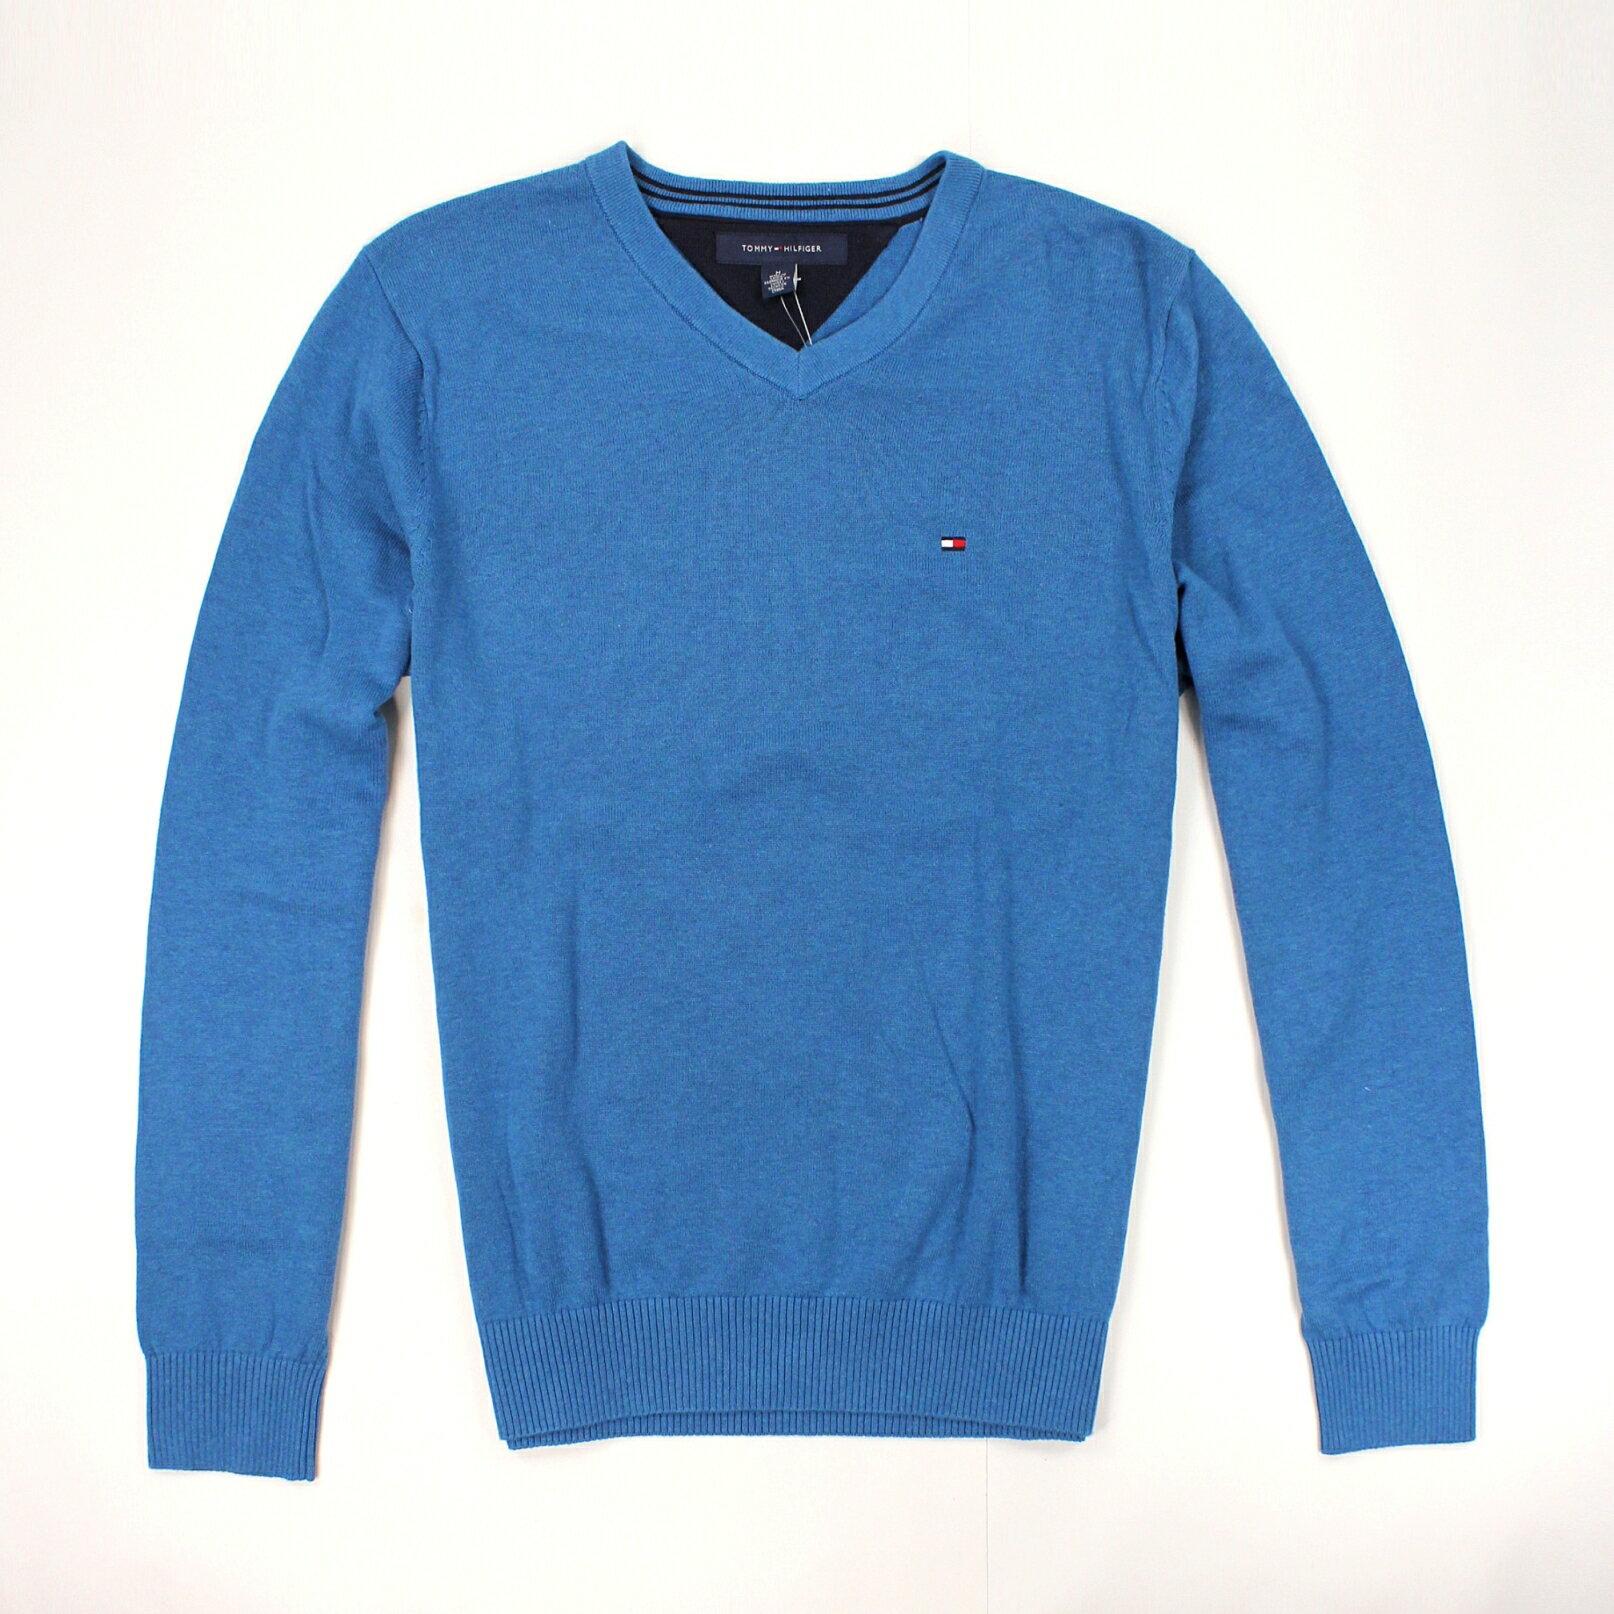 美國百分百【全新真品】Tommy Hilfiger 針織衫 TH 線衫 V領 素面 純棉 毛衣 男衣 青藍 M號 預購 B606